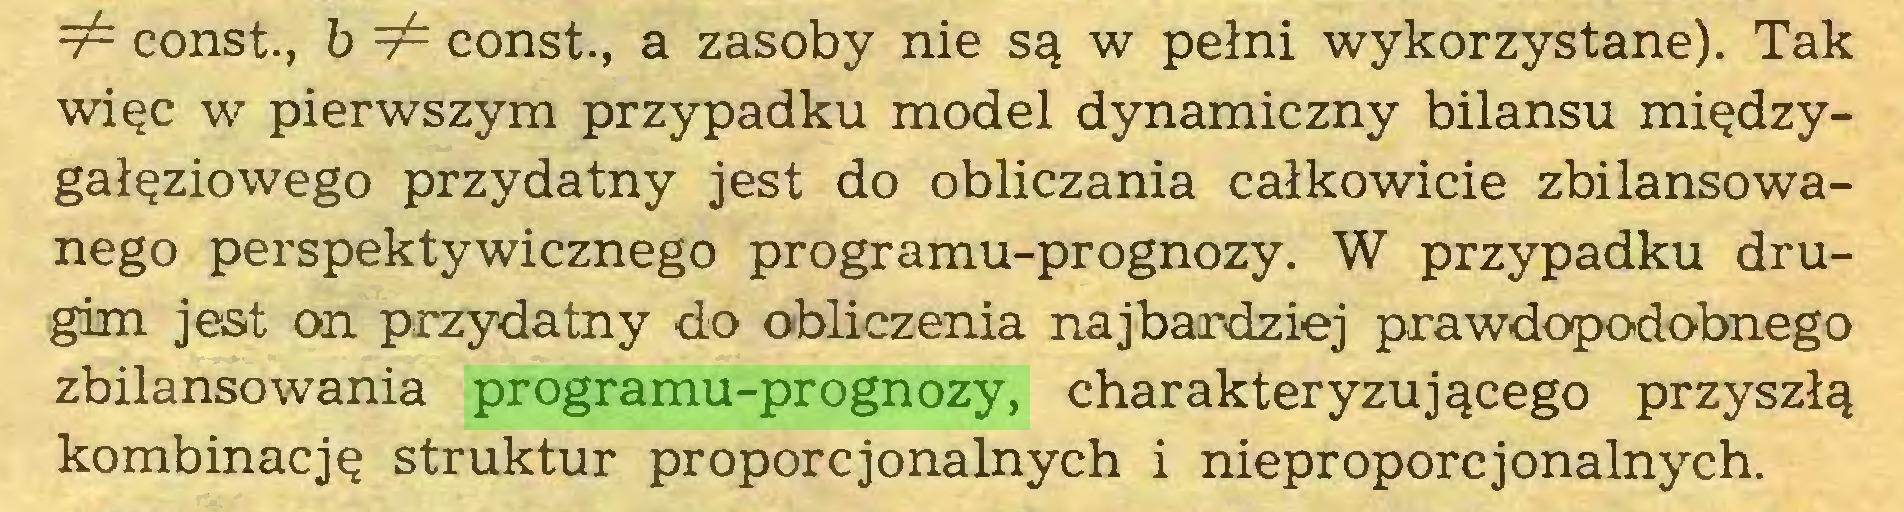 (...) 7^ const., b 7^ const., a zasoby nie są w pełni wykorzystane). Tak więc w pierwszym przypadku model dynamiczny bilansu międzygałęziowego przydatny jest do obliczania całkowicie zbilansowanego perspektywicznego programu-prognozy. W przypadku drugim jest on przydatny do obliczenia najbardziej prawdopodobnego zbilansowania programu-prognozy, charakteryzującego przyszłą kombinację struktur proporcjonalnych i nieproporcjonalnych...